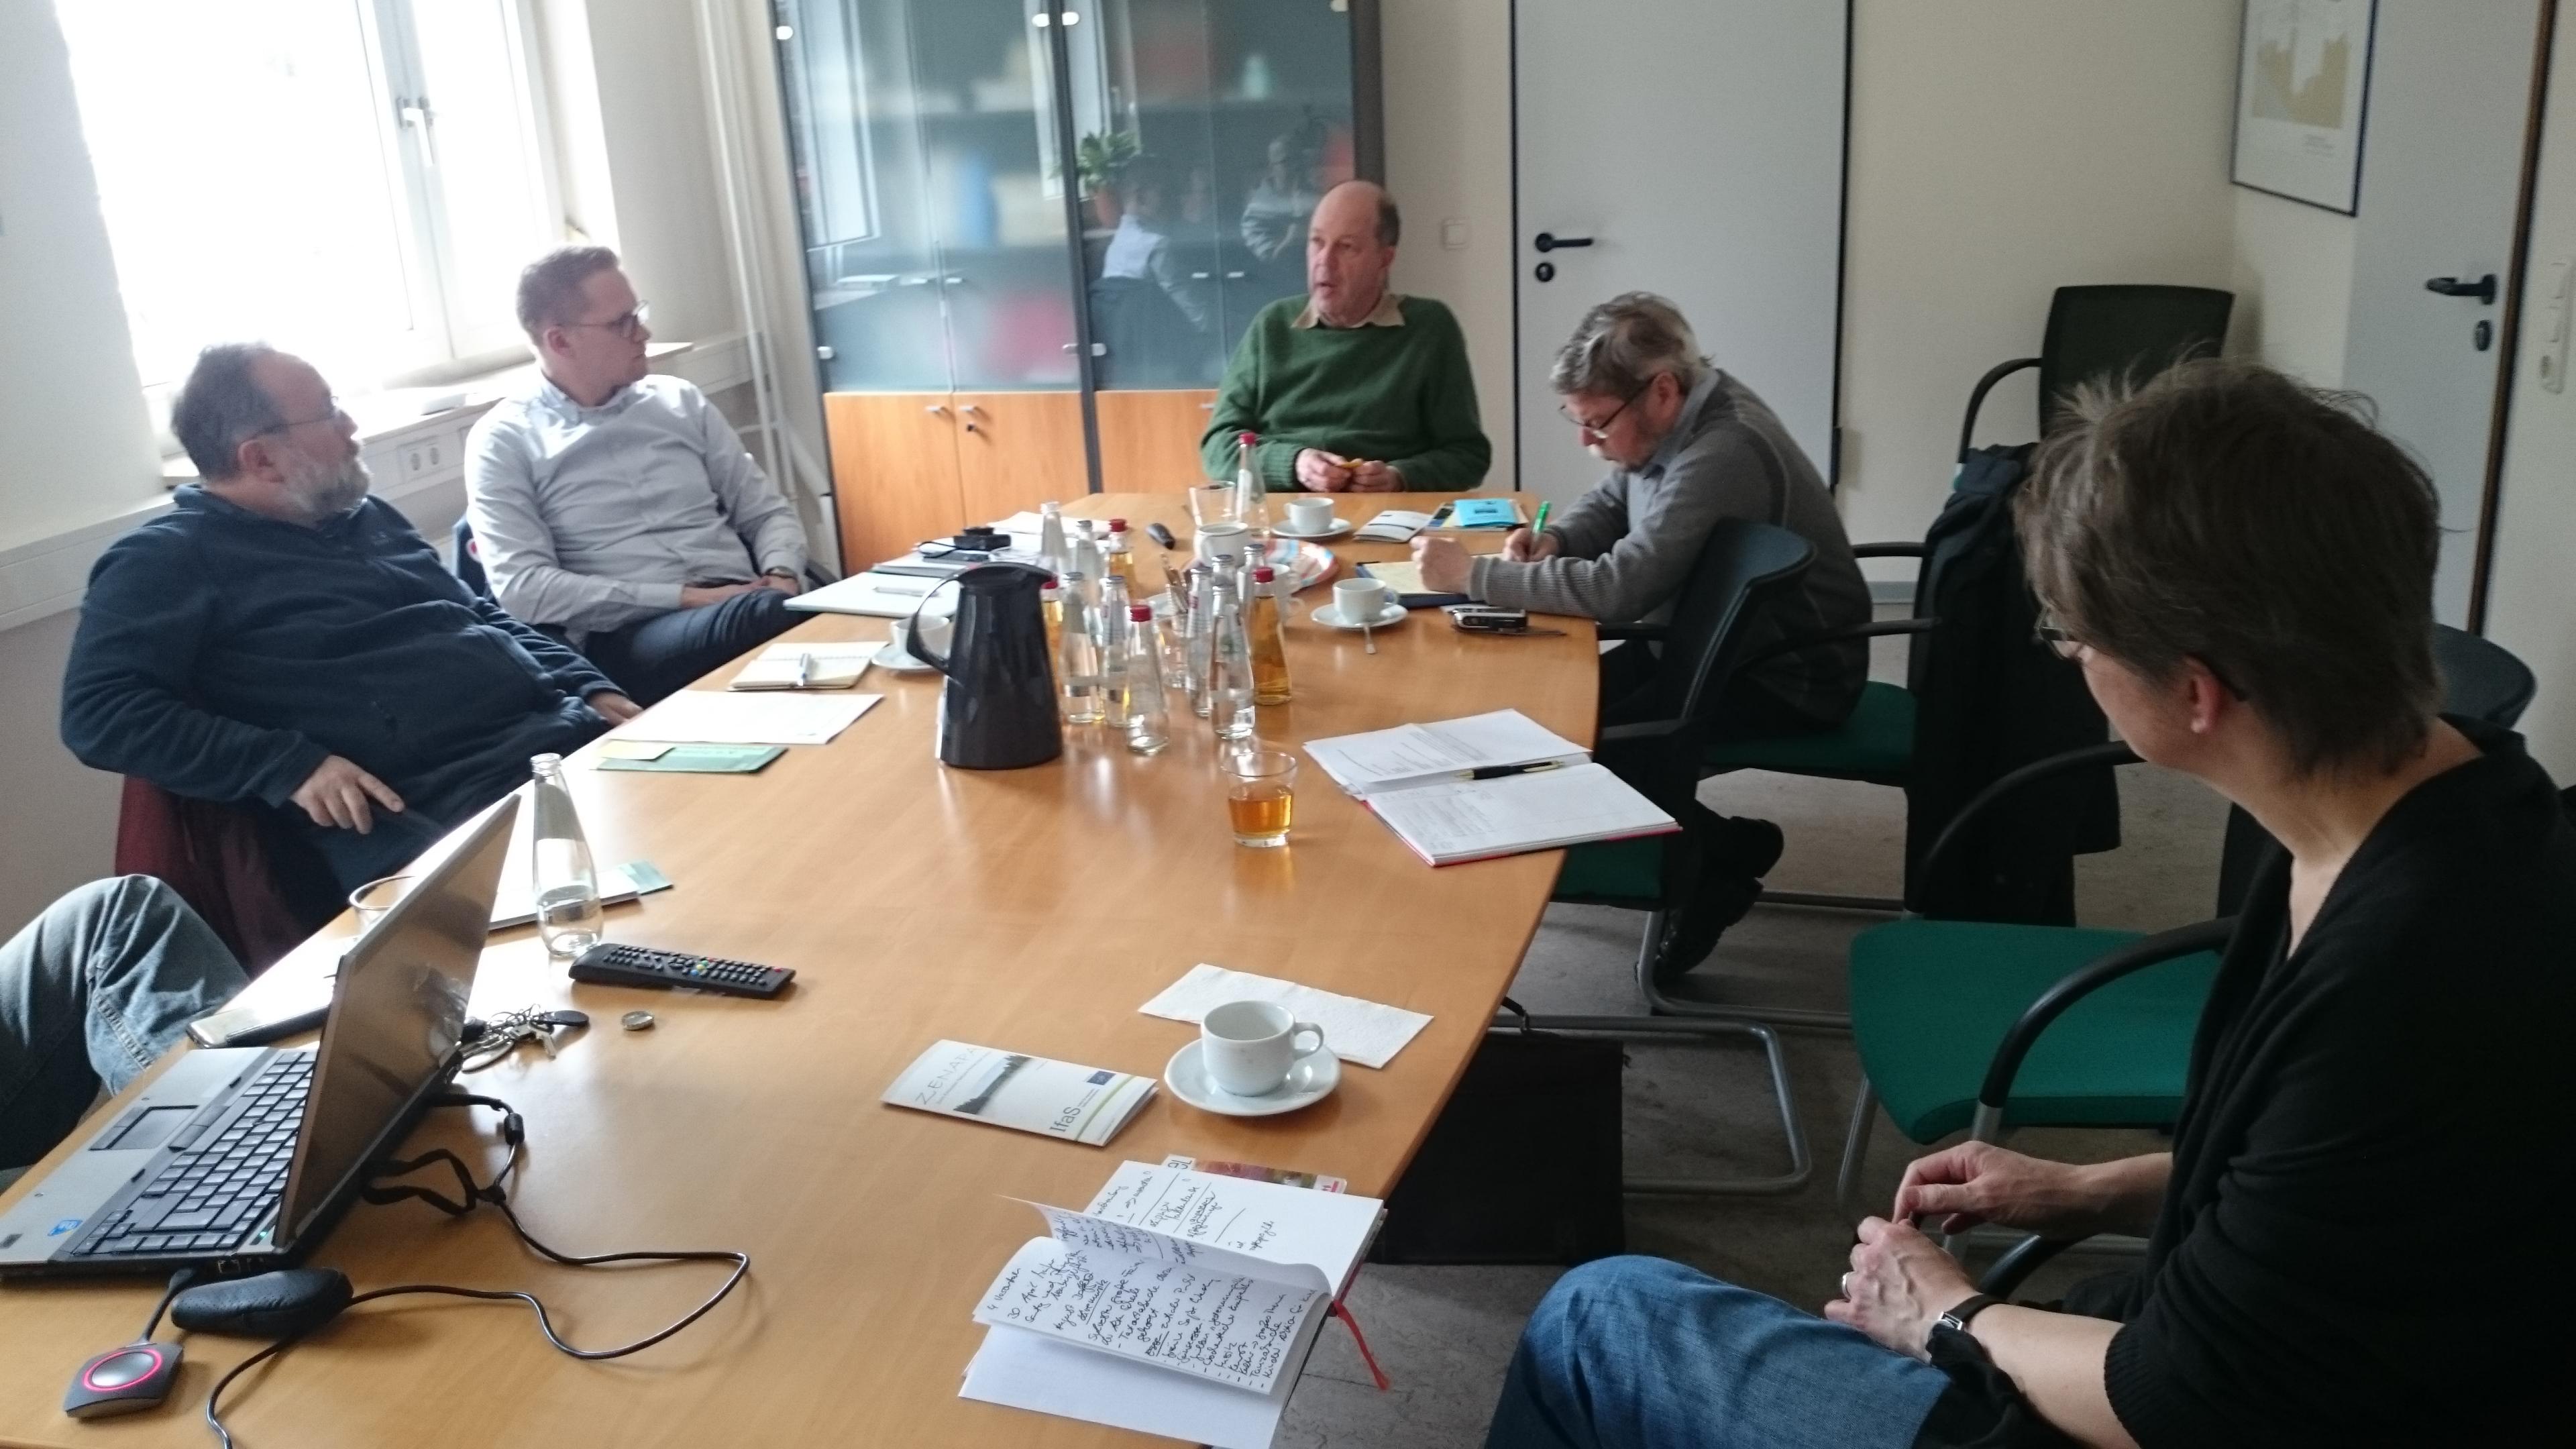 Wolf und Haas vom Umweltinstitut Leipzig, Wagner vom Regionalmanagement Leipziger Muldenland und Simmler vom Geopark Porphyrland besuchen das Marburger Land